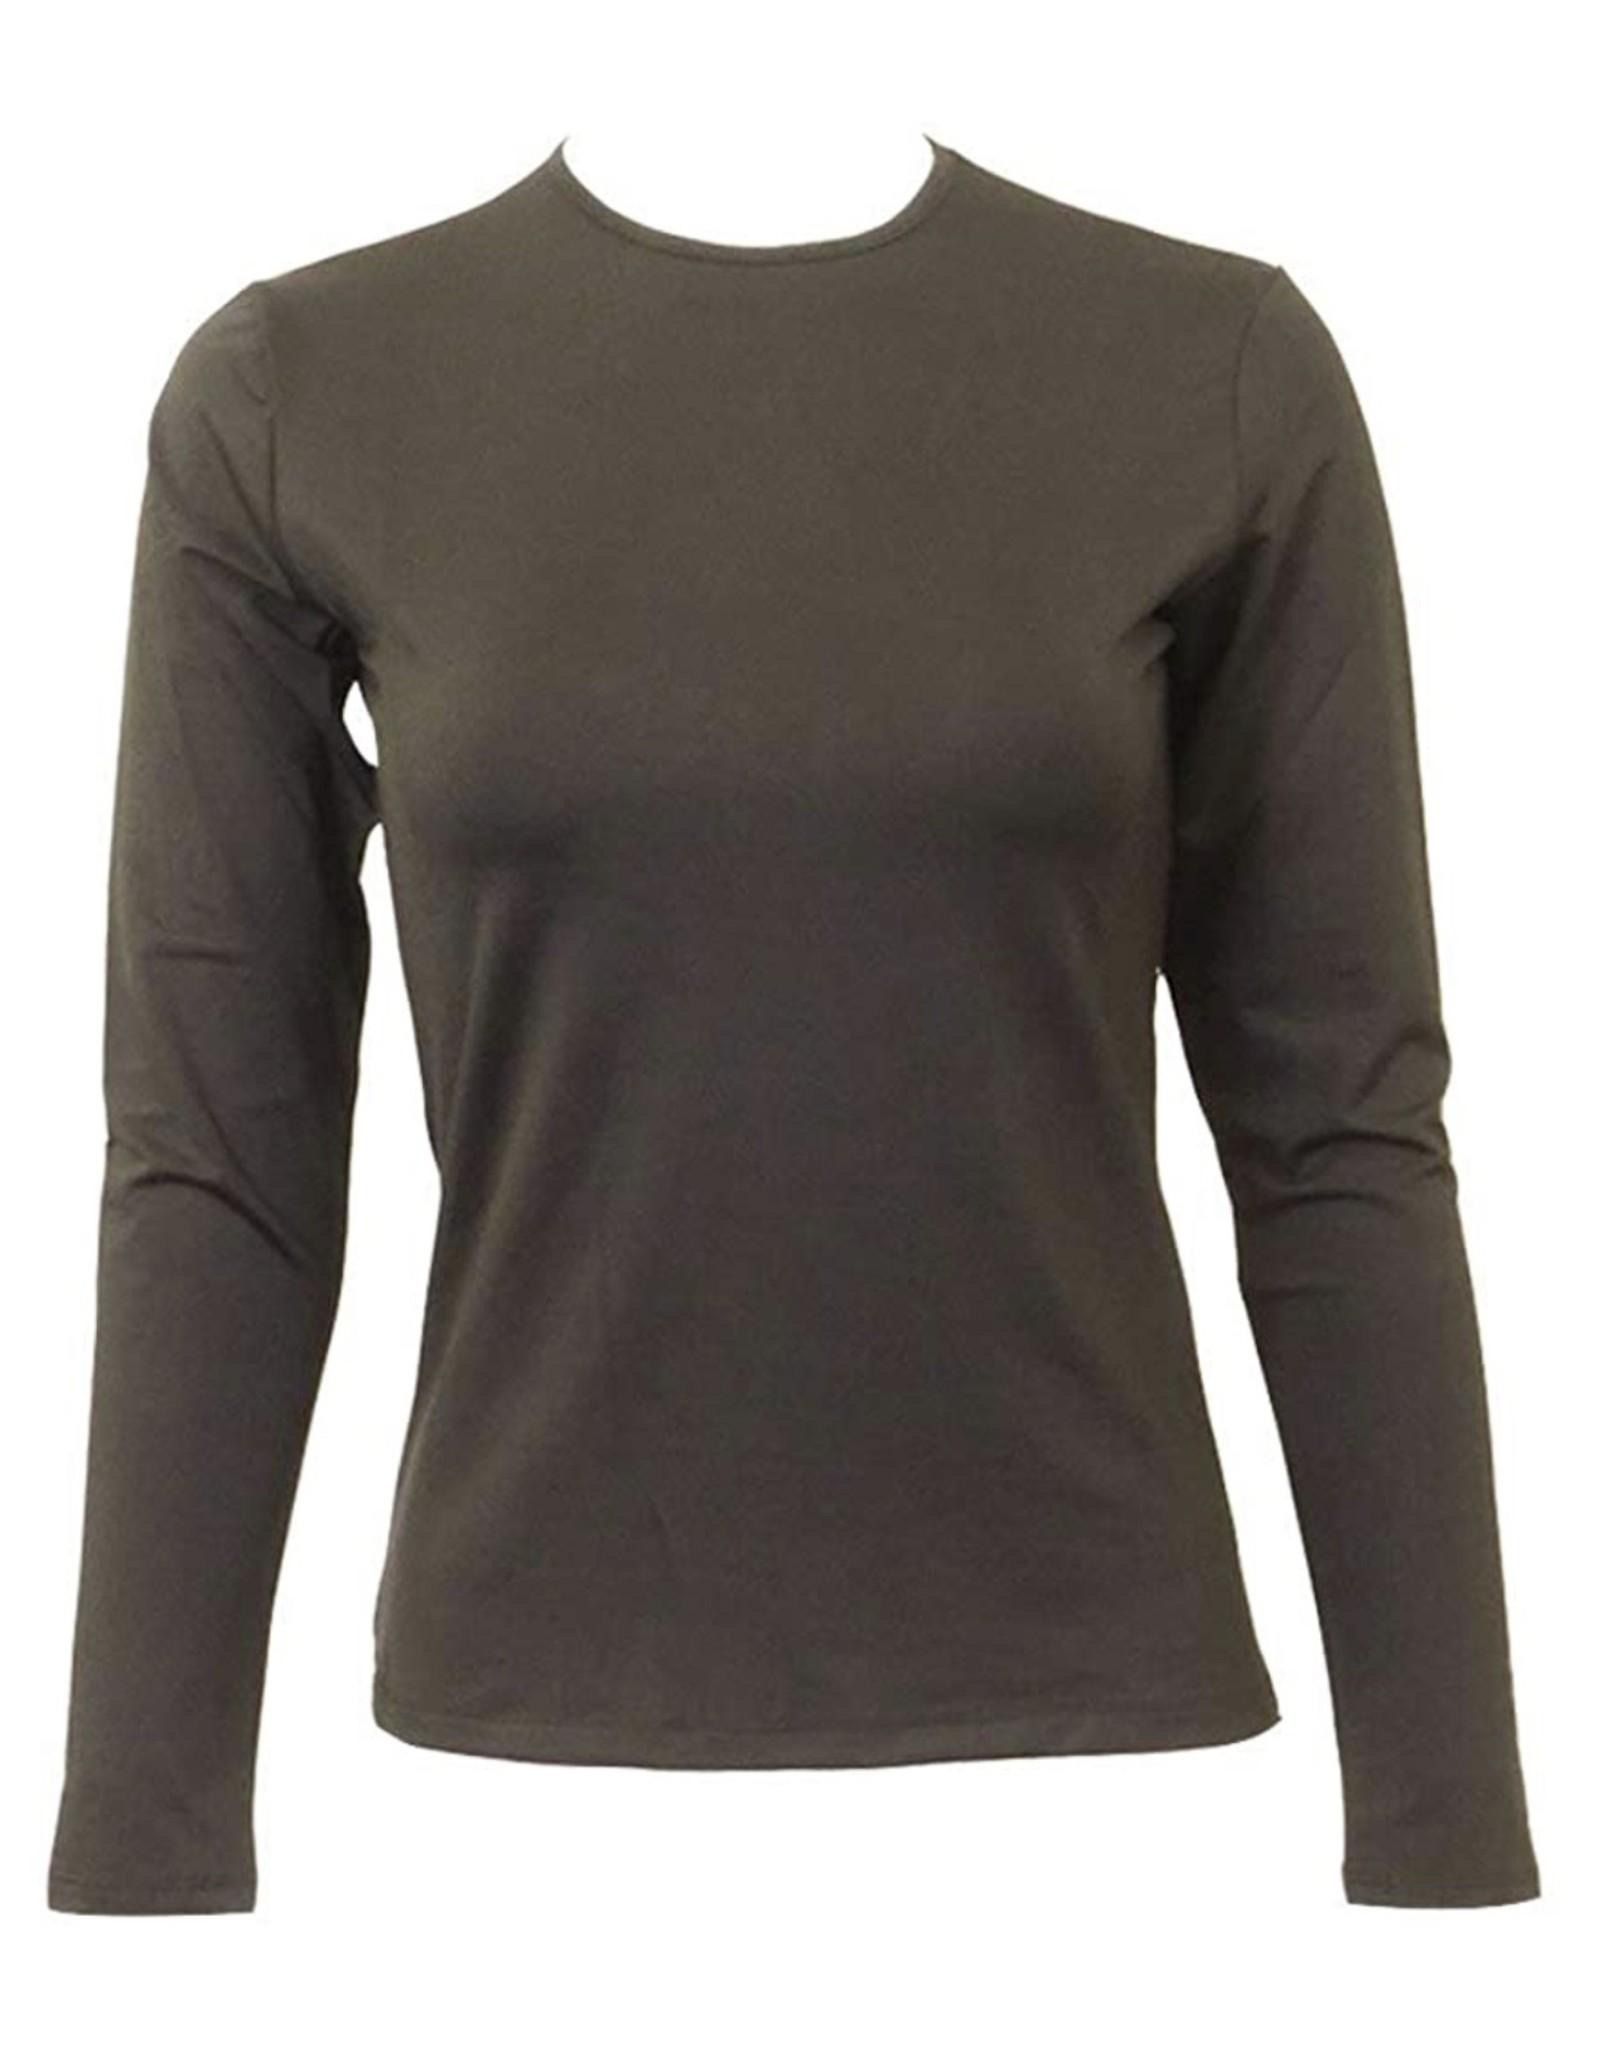 Kiki Riki Kiki Riki Women's Long Sleeve Lycra Shell 17555